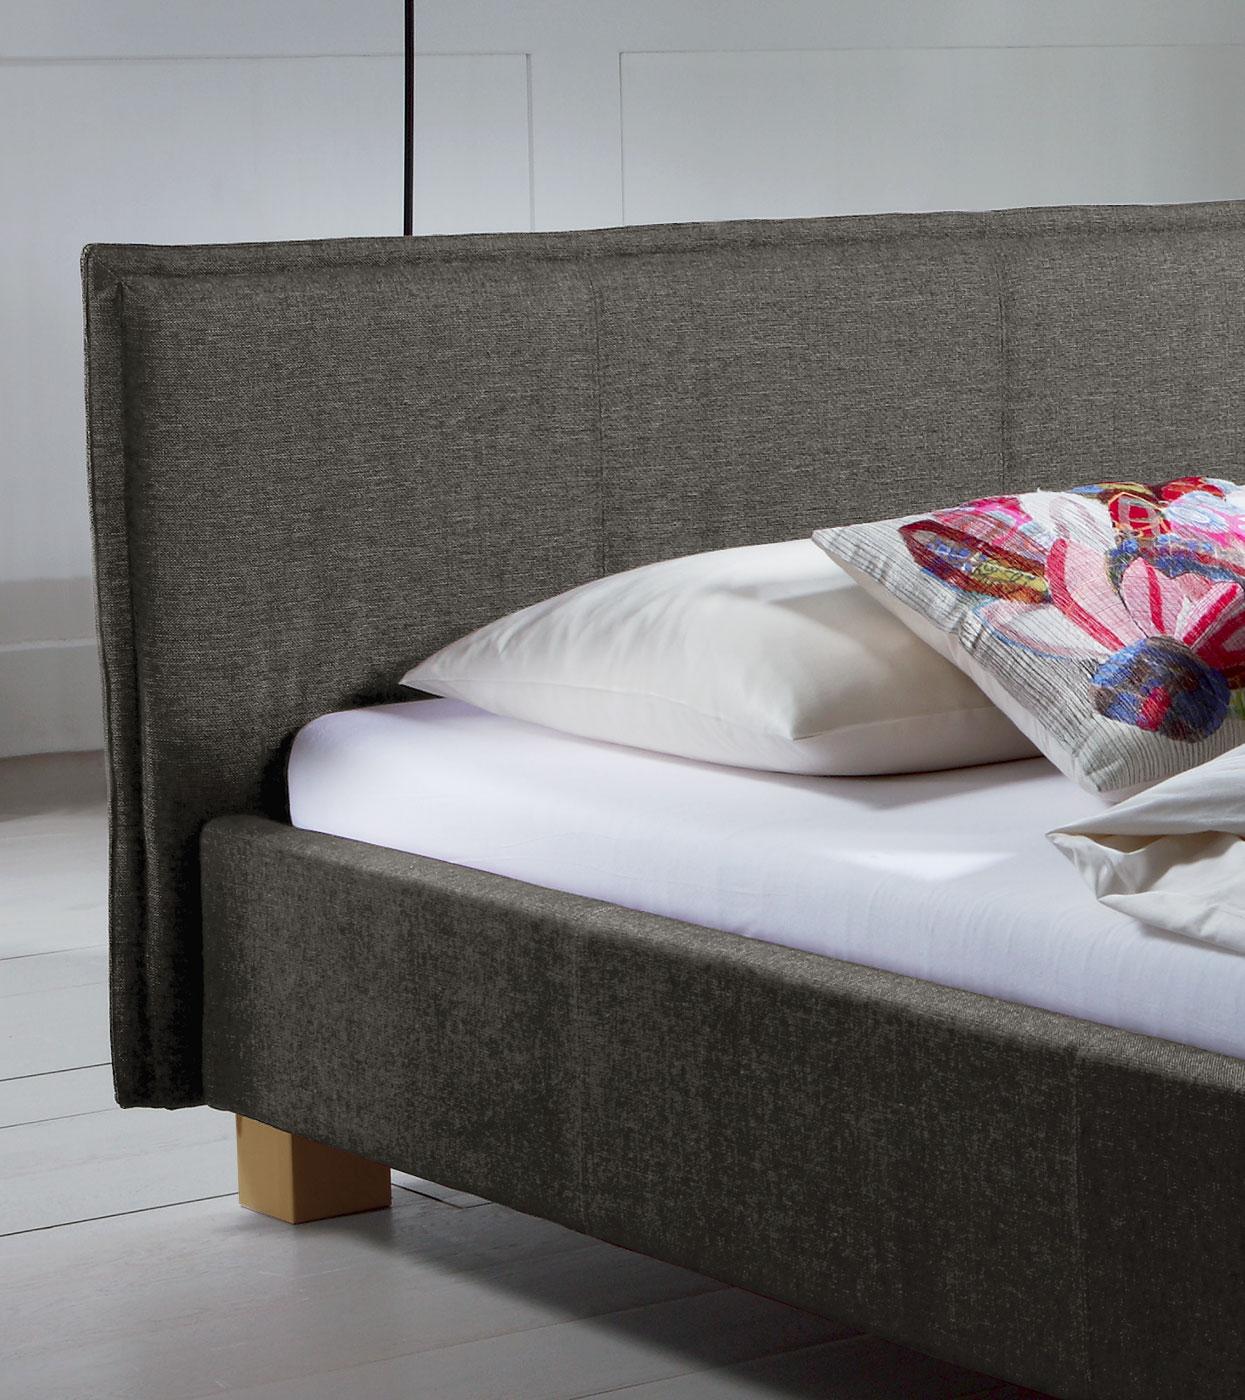 Polsterbett in 200x200 cm Liegehöhe - Bett Medina